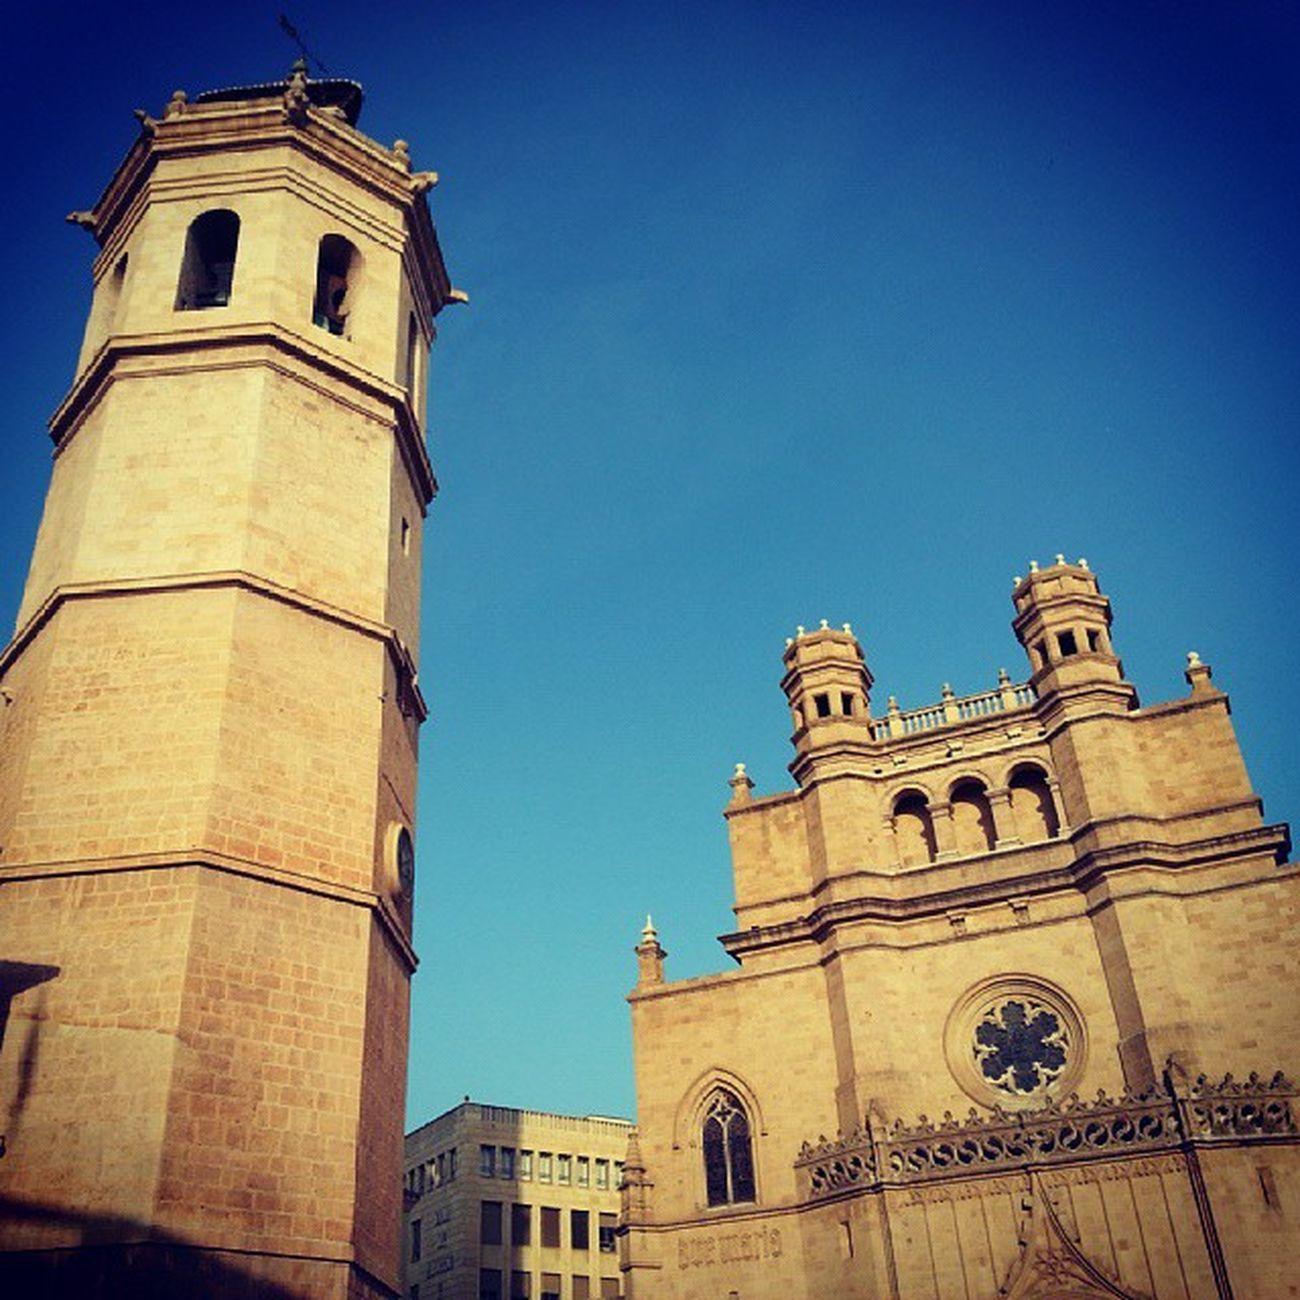 En poco mas de 2 horas, el Wineuptour comienza em Castellón , con una Cena Armonizada a cargo de Aula Gastronómica Cuineo , Hotel Intur